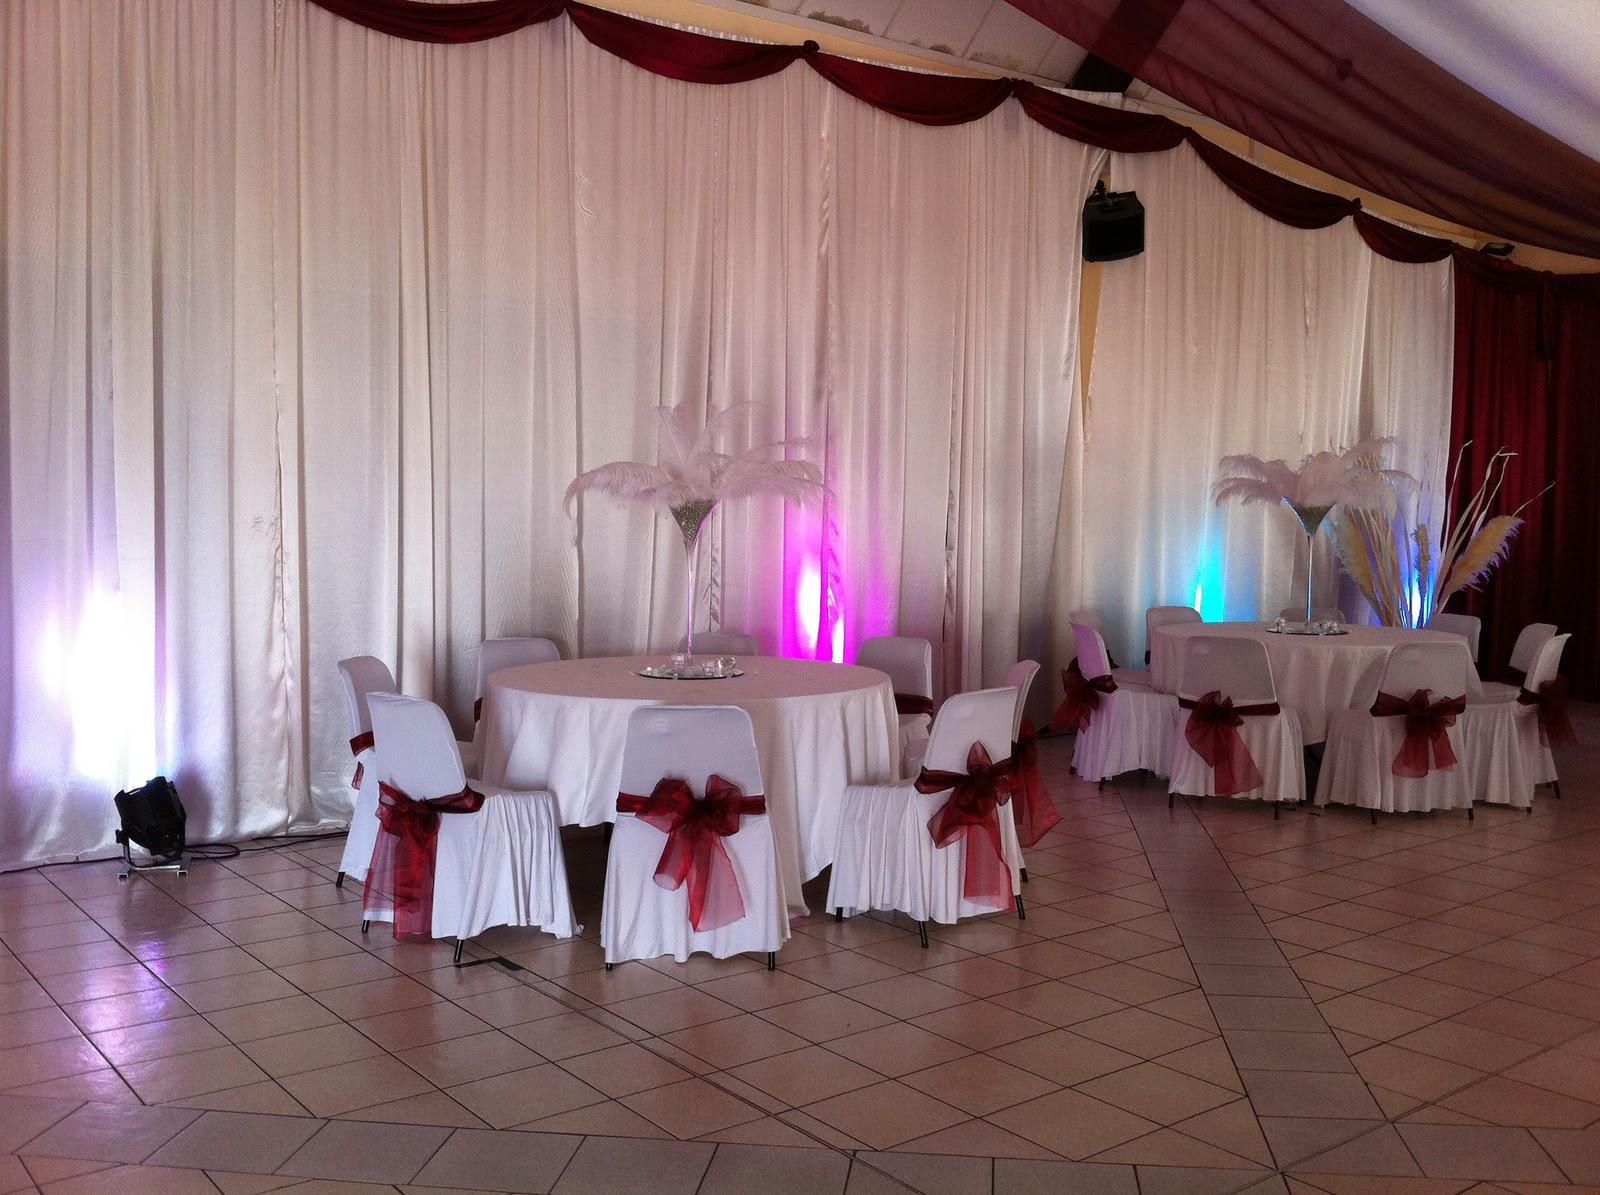 decoration mariage: decoration mariage - paris, seine et marne, val de ...